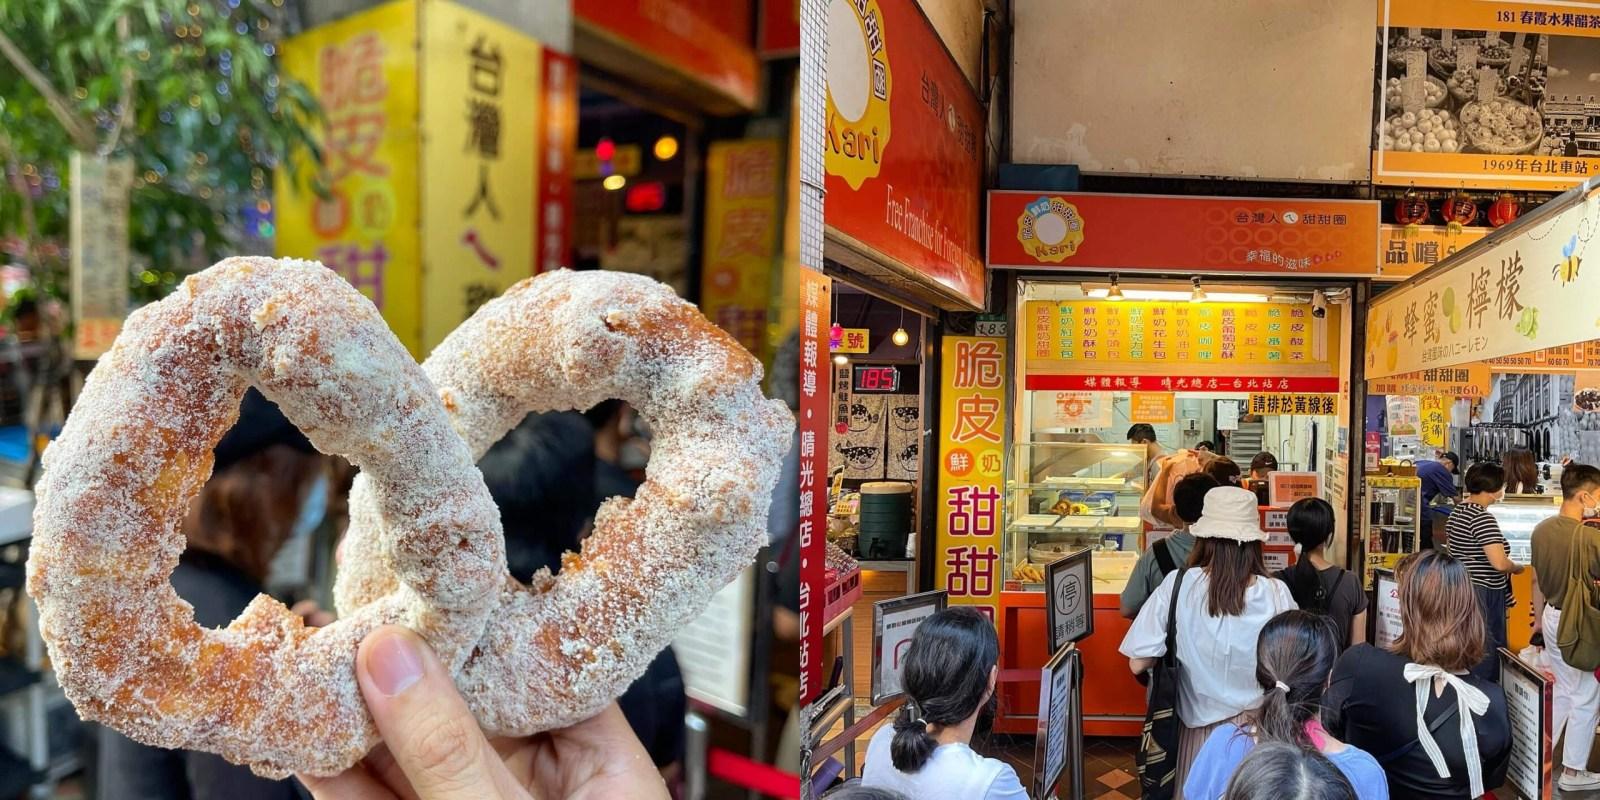 [台北美食] 台灣人ㄟ脆皮鮮奶甜甜圈 - 酥脆有如餅乾裡面還有牛奶香的超人氣甜甜圈!